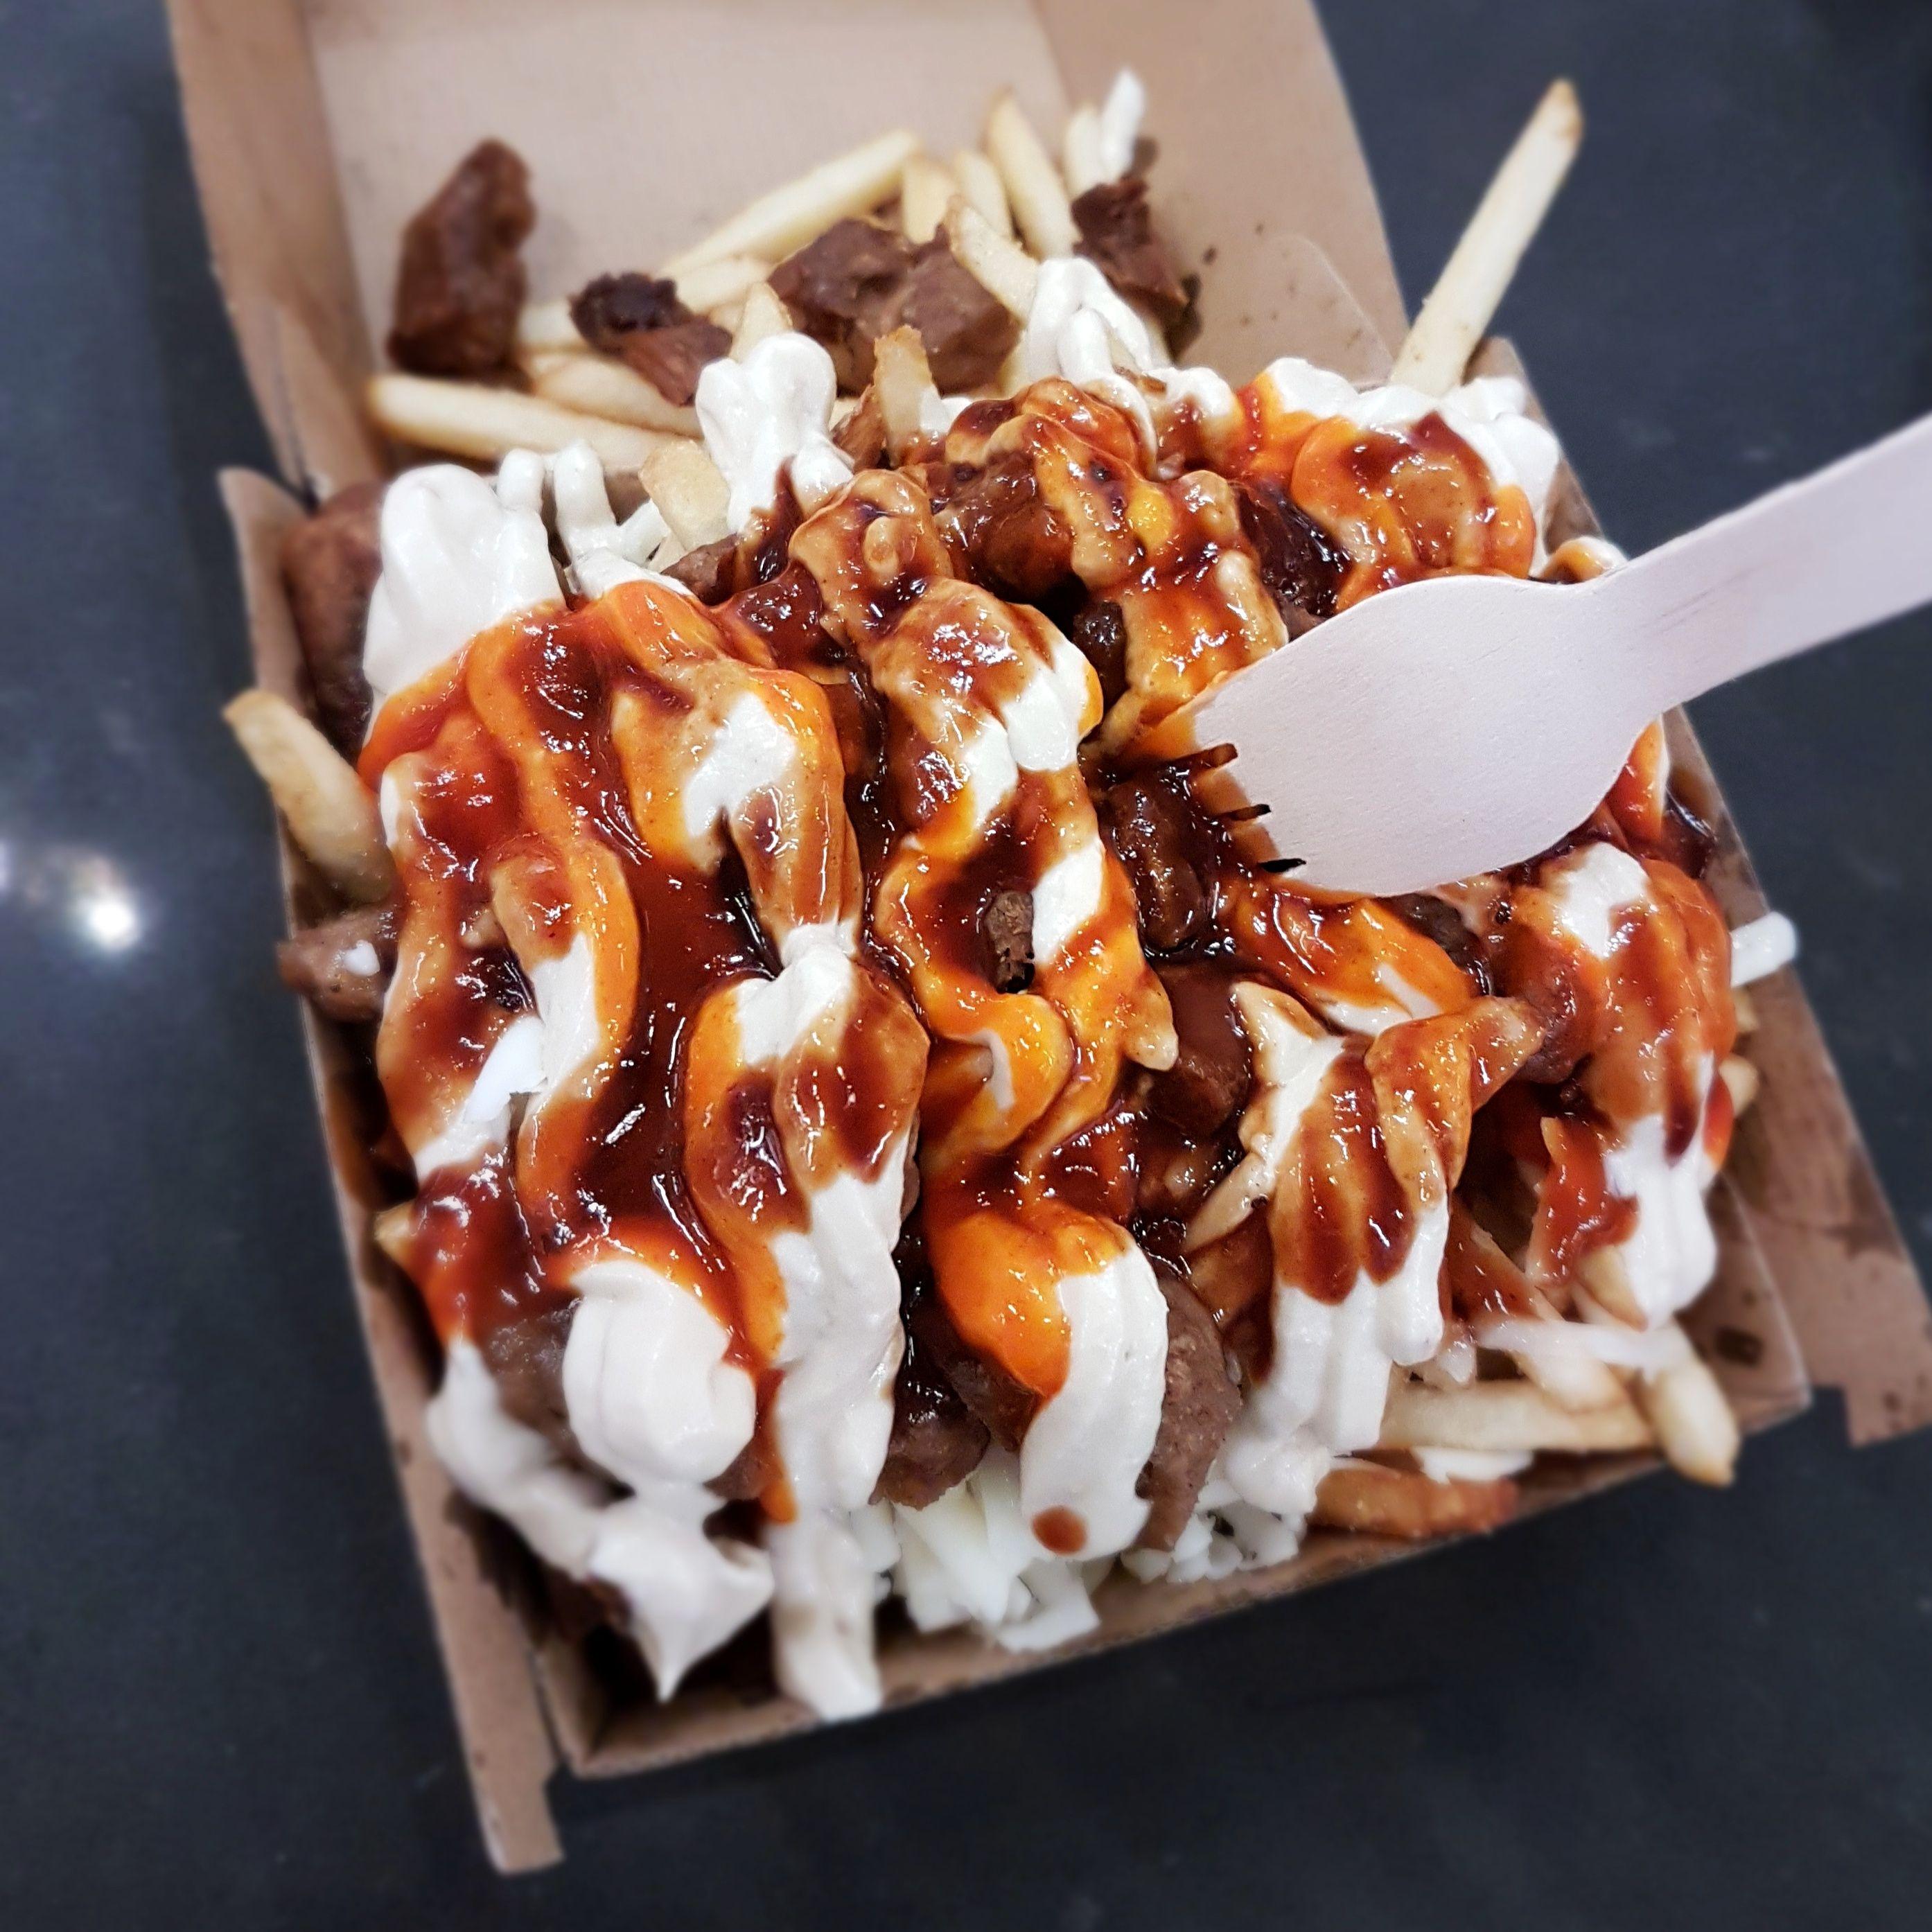 I Ate Vegan Halal Snack Pack In 2020 Halal Snacks Snacks Vegan Eating